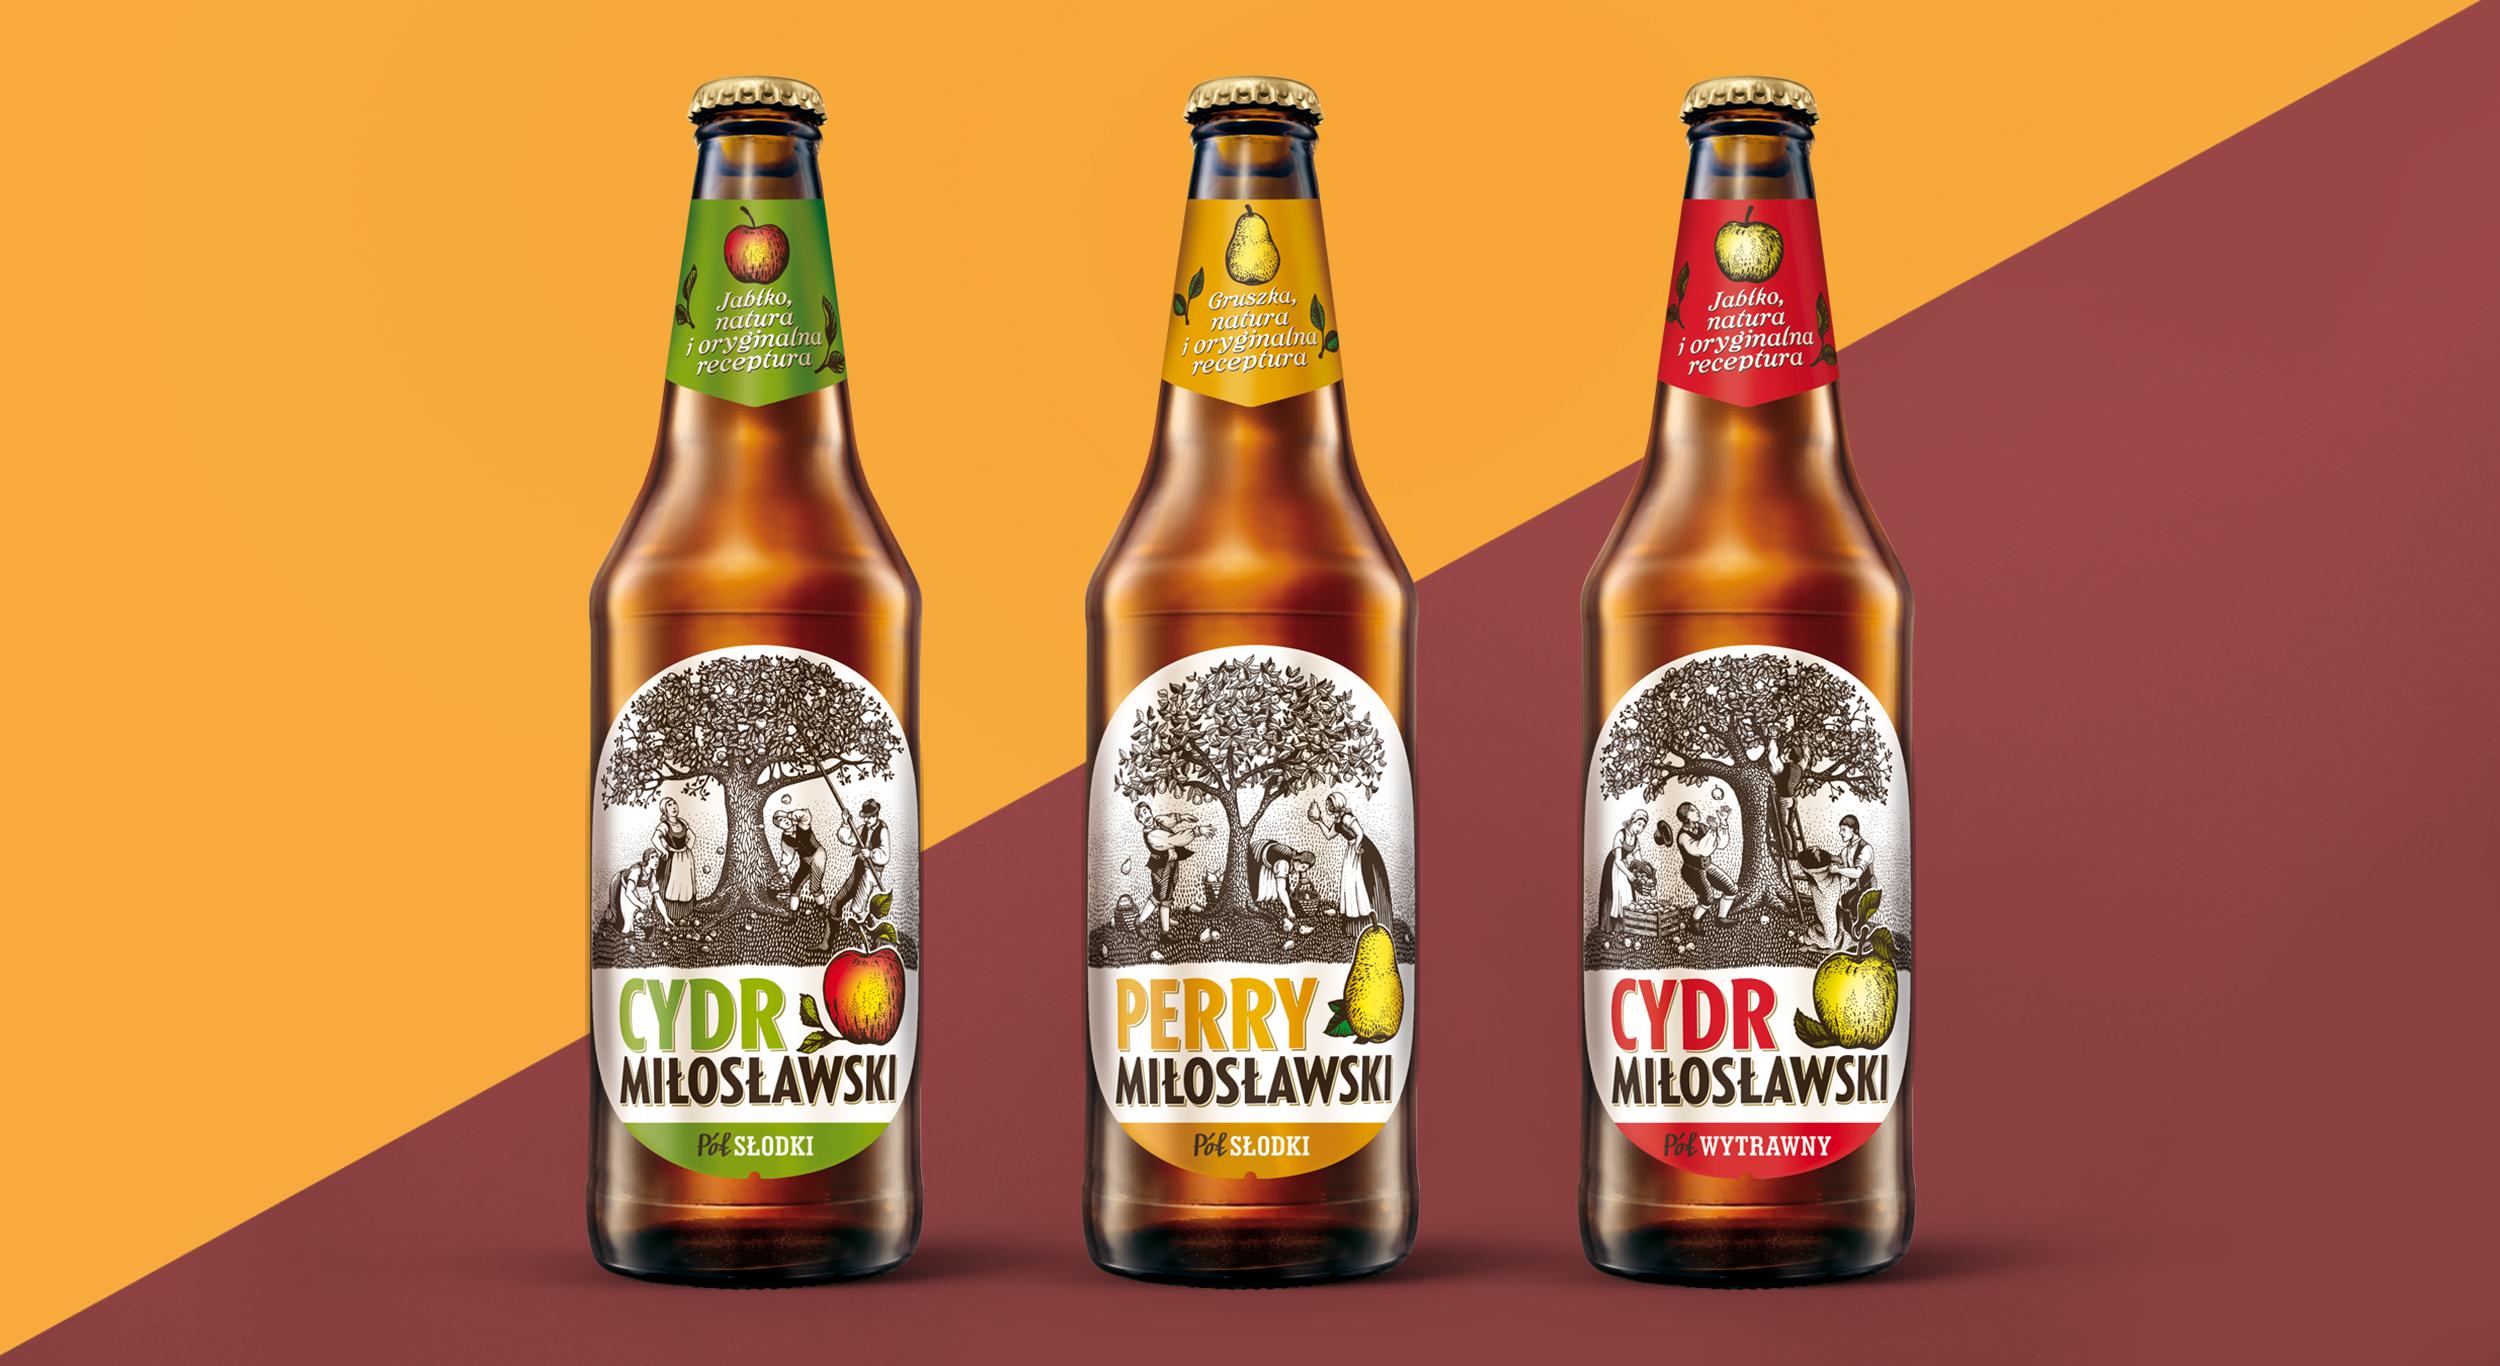 Miłosławski Cider and Perry